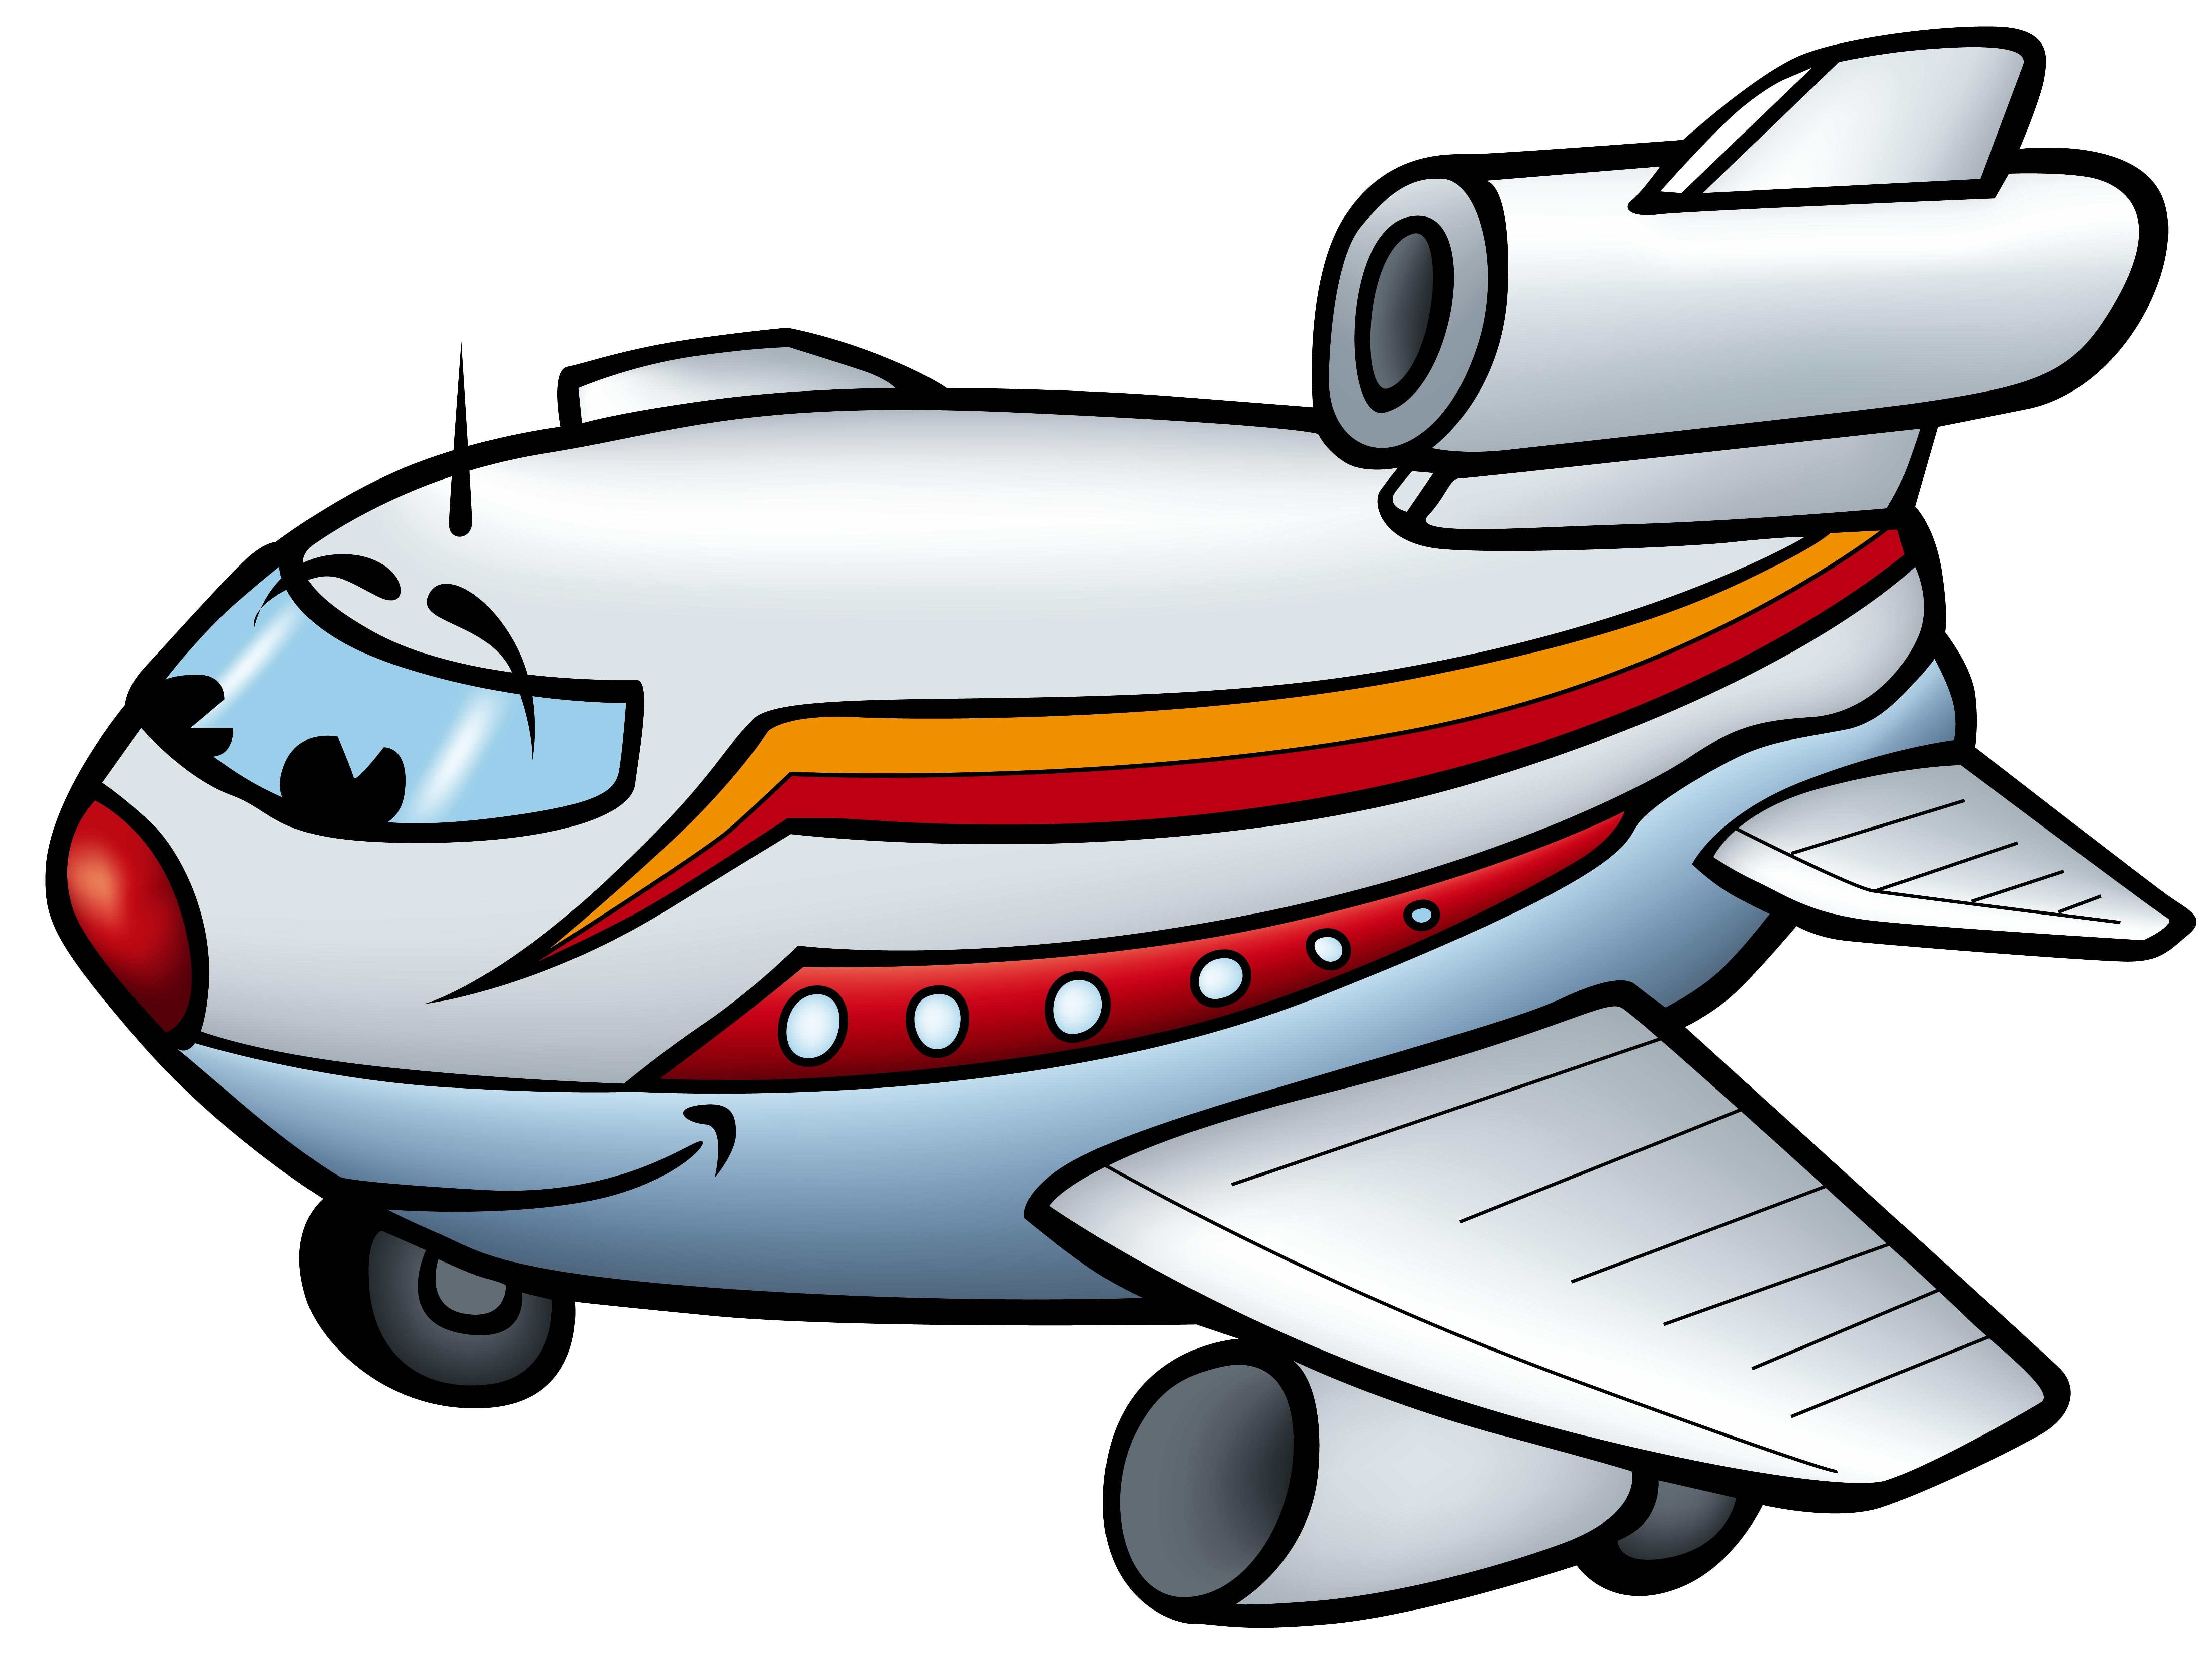 6611x4940 Aeroplane Cartoon